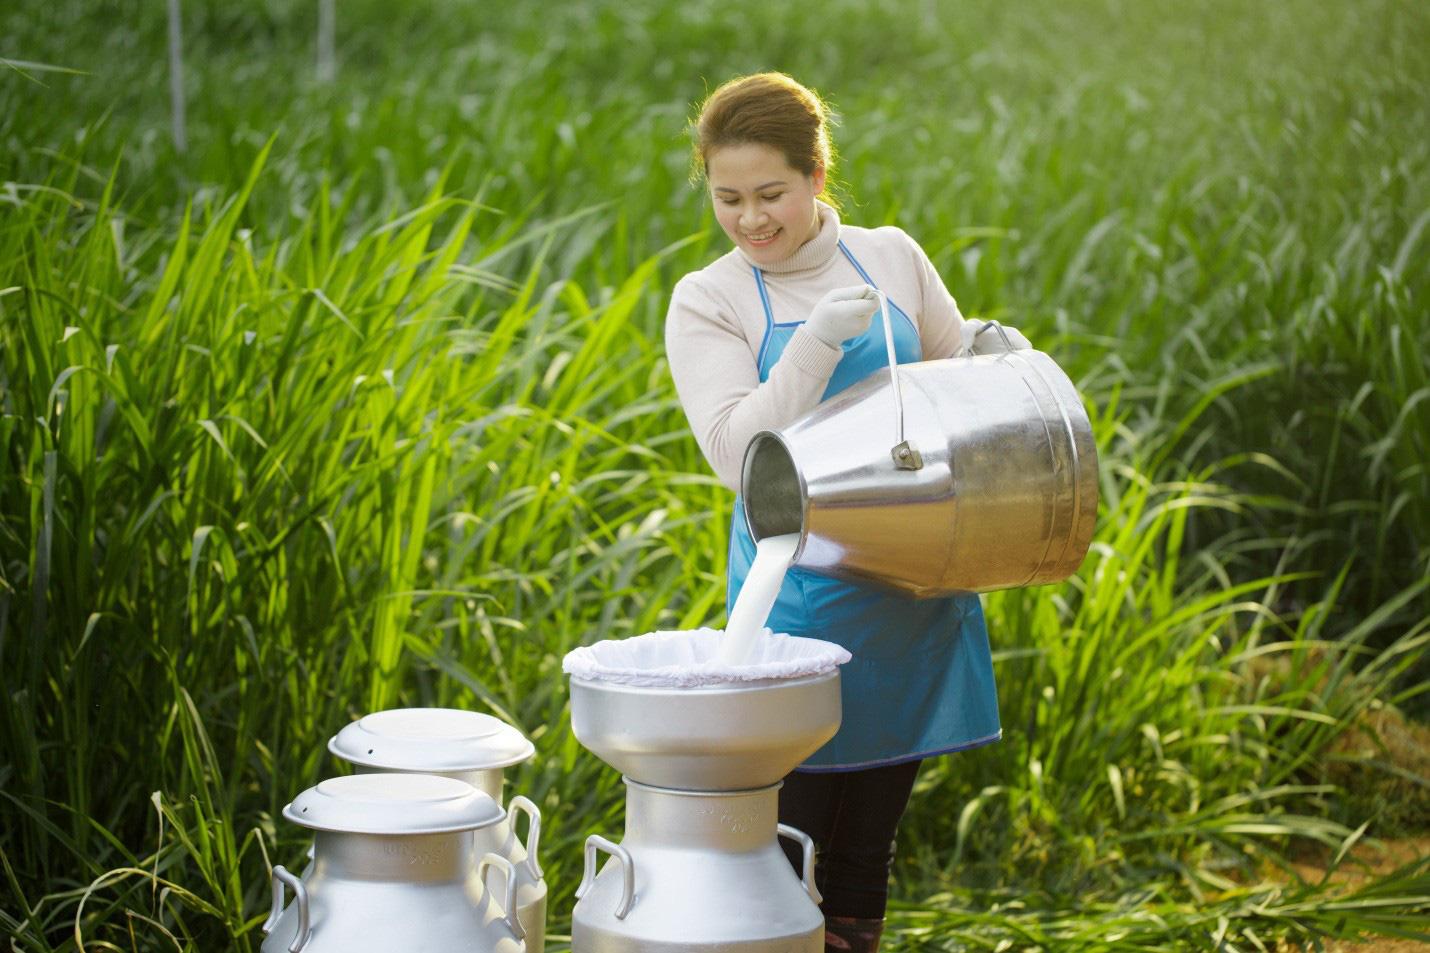 Sữa tươi Cô Gái Hà Lan kiểm soát độ an toàn hàng đầu nhờ cách nuôi bò đặc biệt - Ảnh 2.